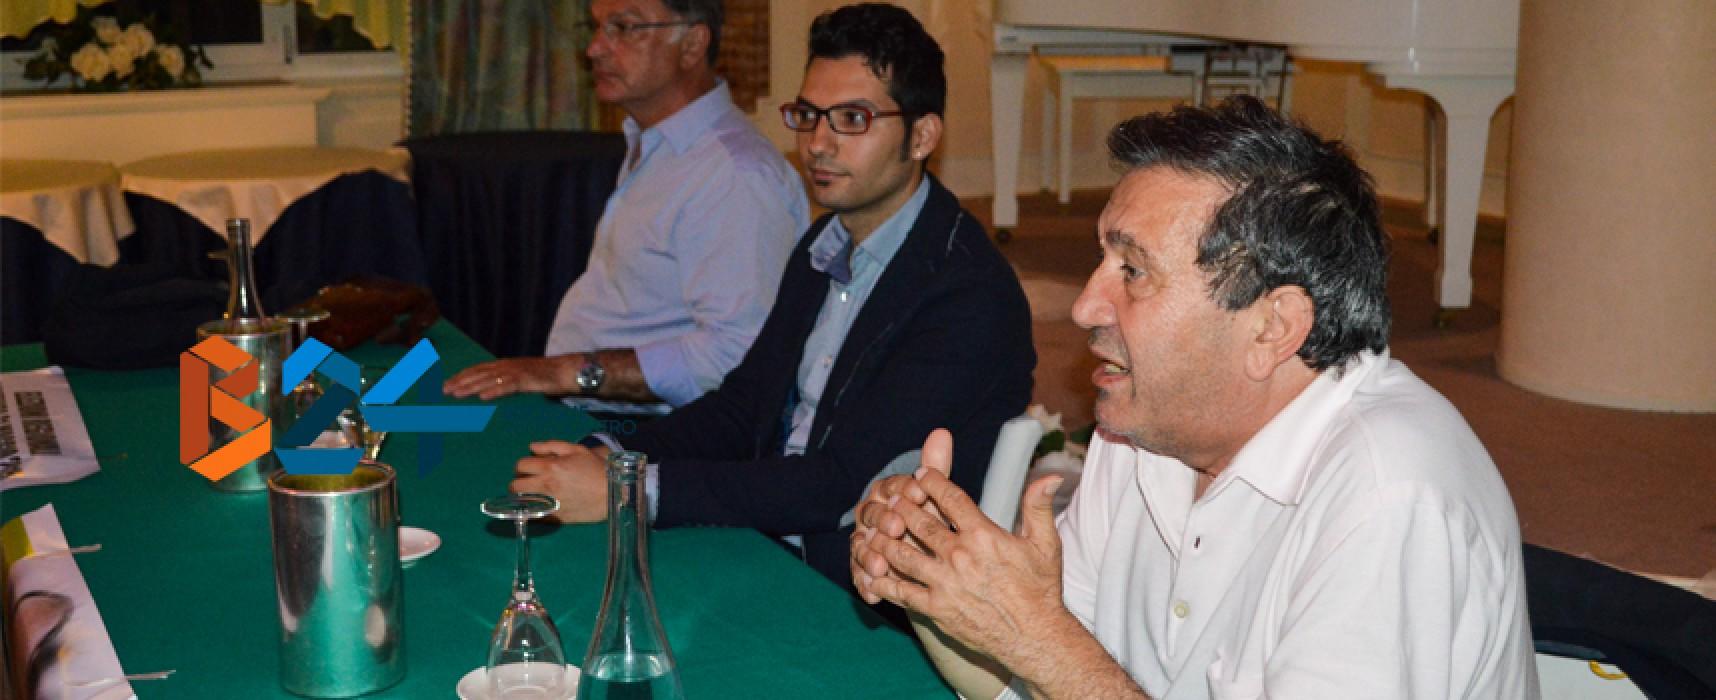 Azzollini presenta Di Pierro, critica Spina e sferra bordate contro il Pd sulla Cdp / FOTO